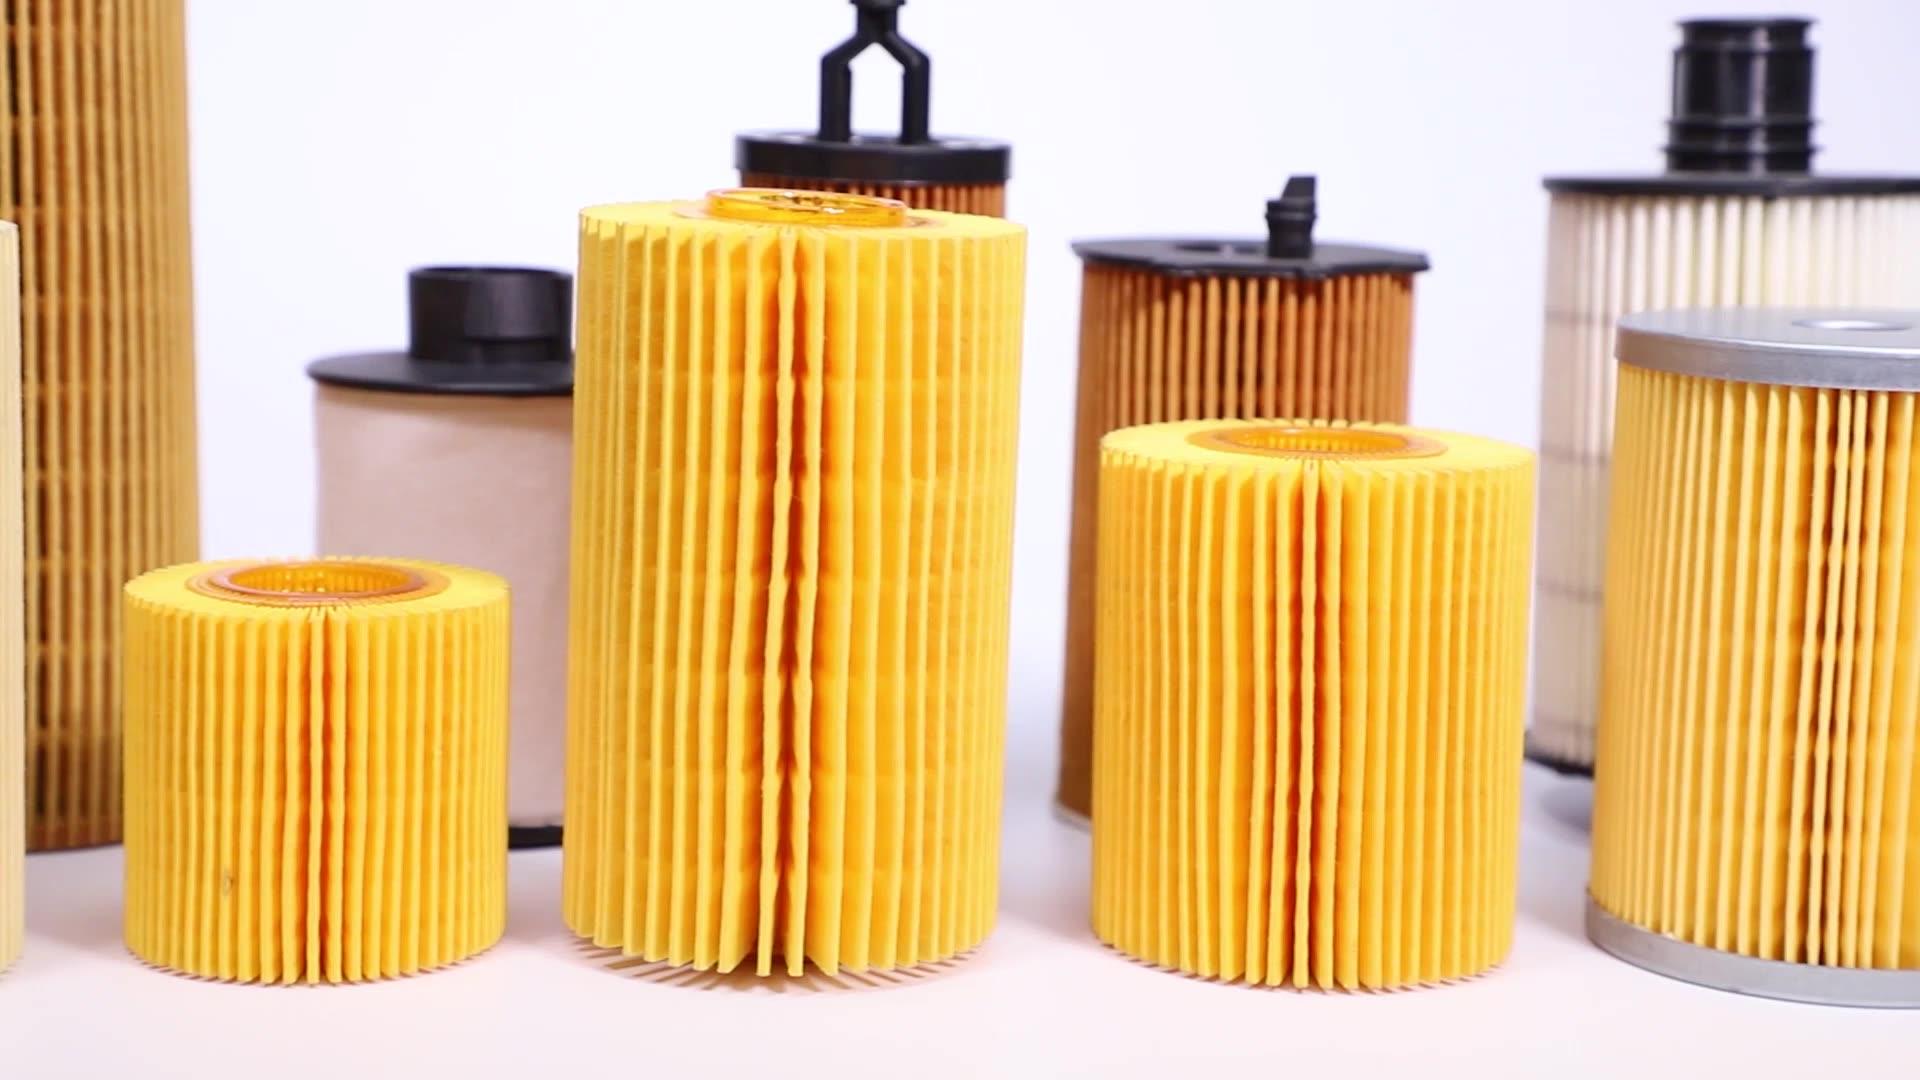 Масляный фильтр LEWEDA для многих автомобилей, оптом, китайская фабрика, 90915-YZZE1 D2 20003 30002-8T 15208-31U00 65F00 15400-RTA-003